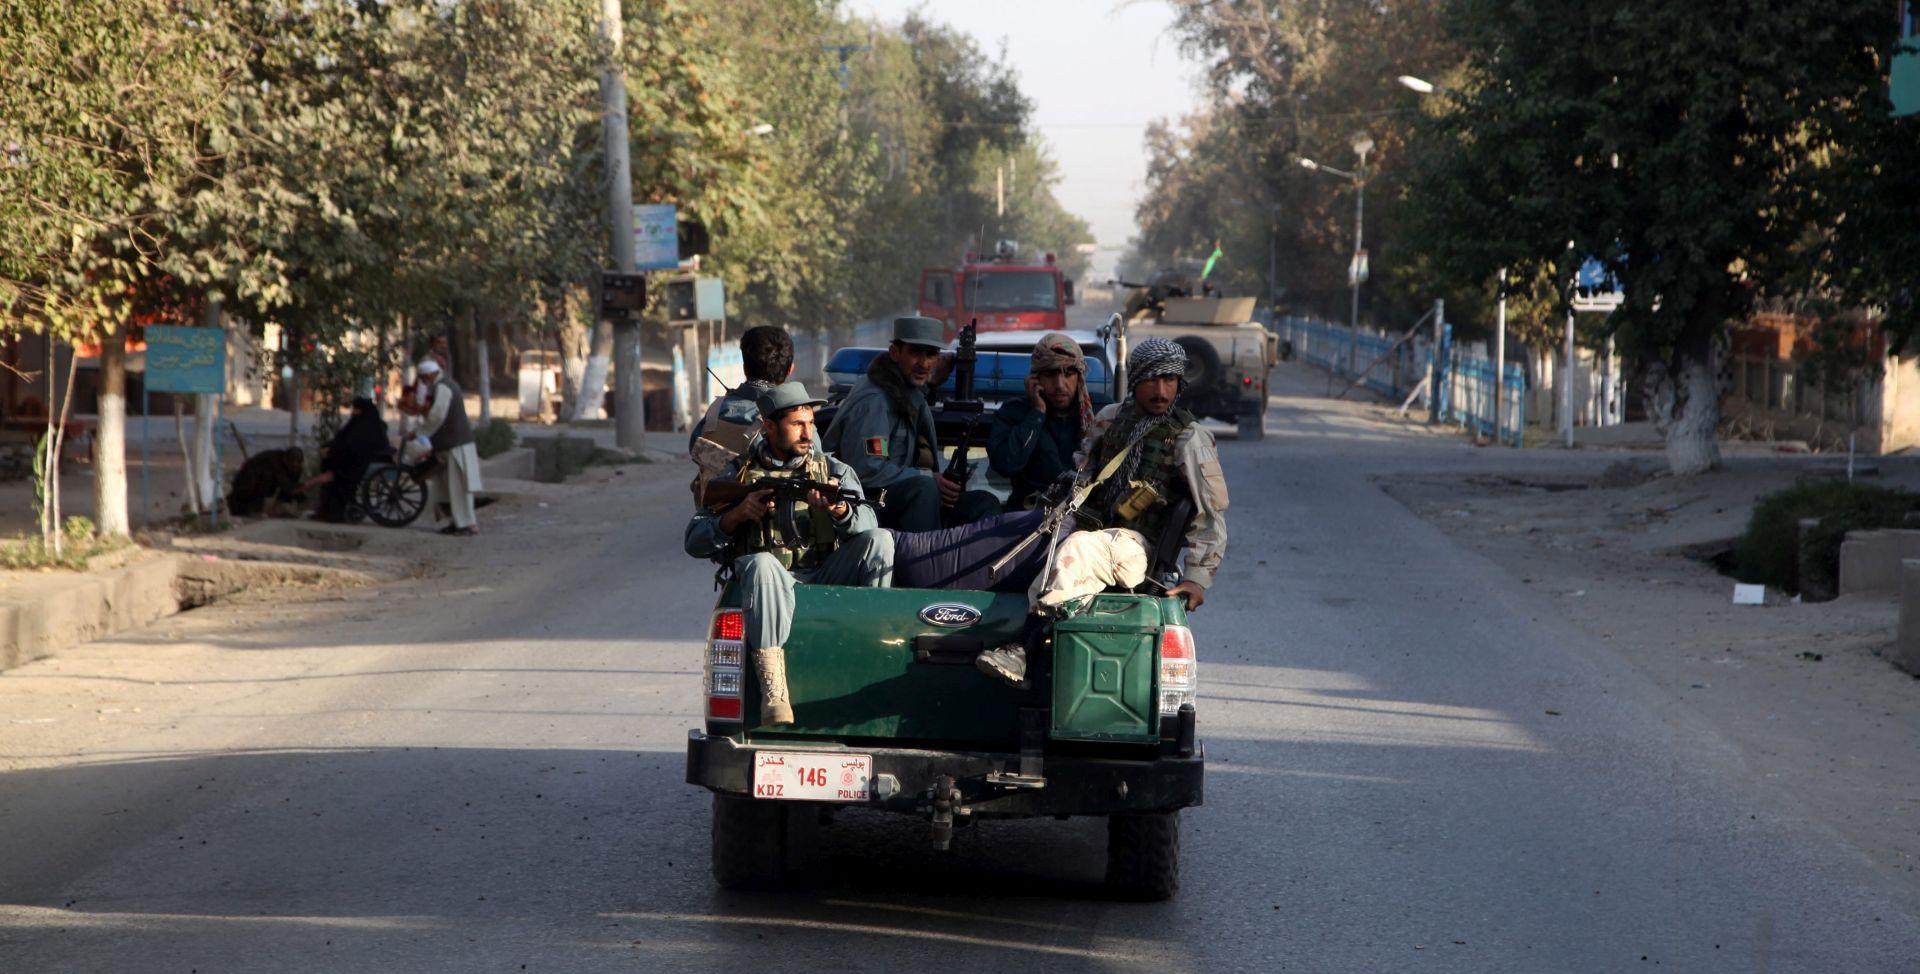 """Afganistanske snage zauzele najveći dio Kunduza: """"Stanje u središtu grada je normalno"""""""